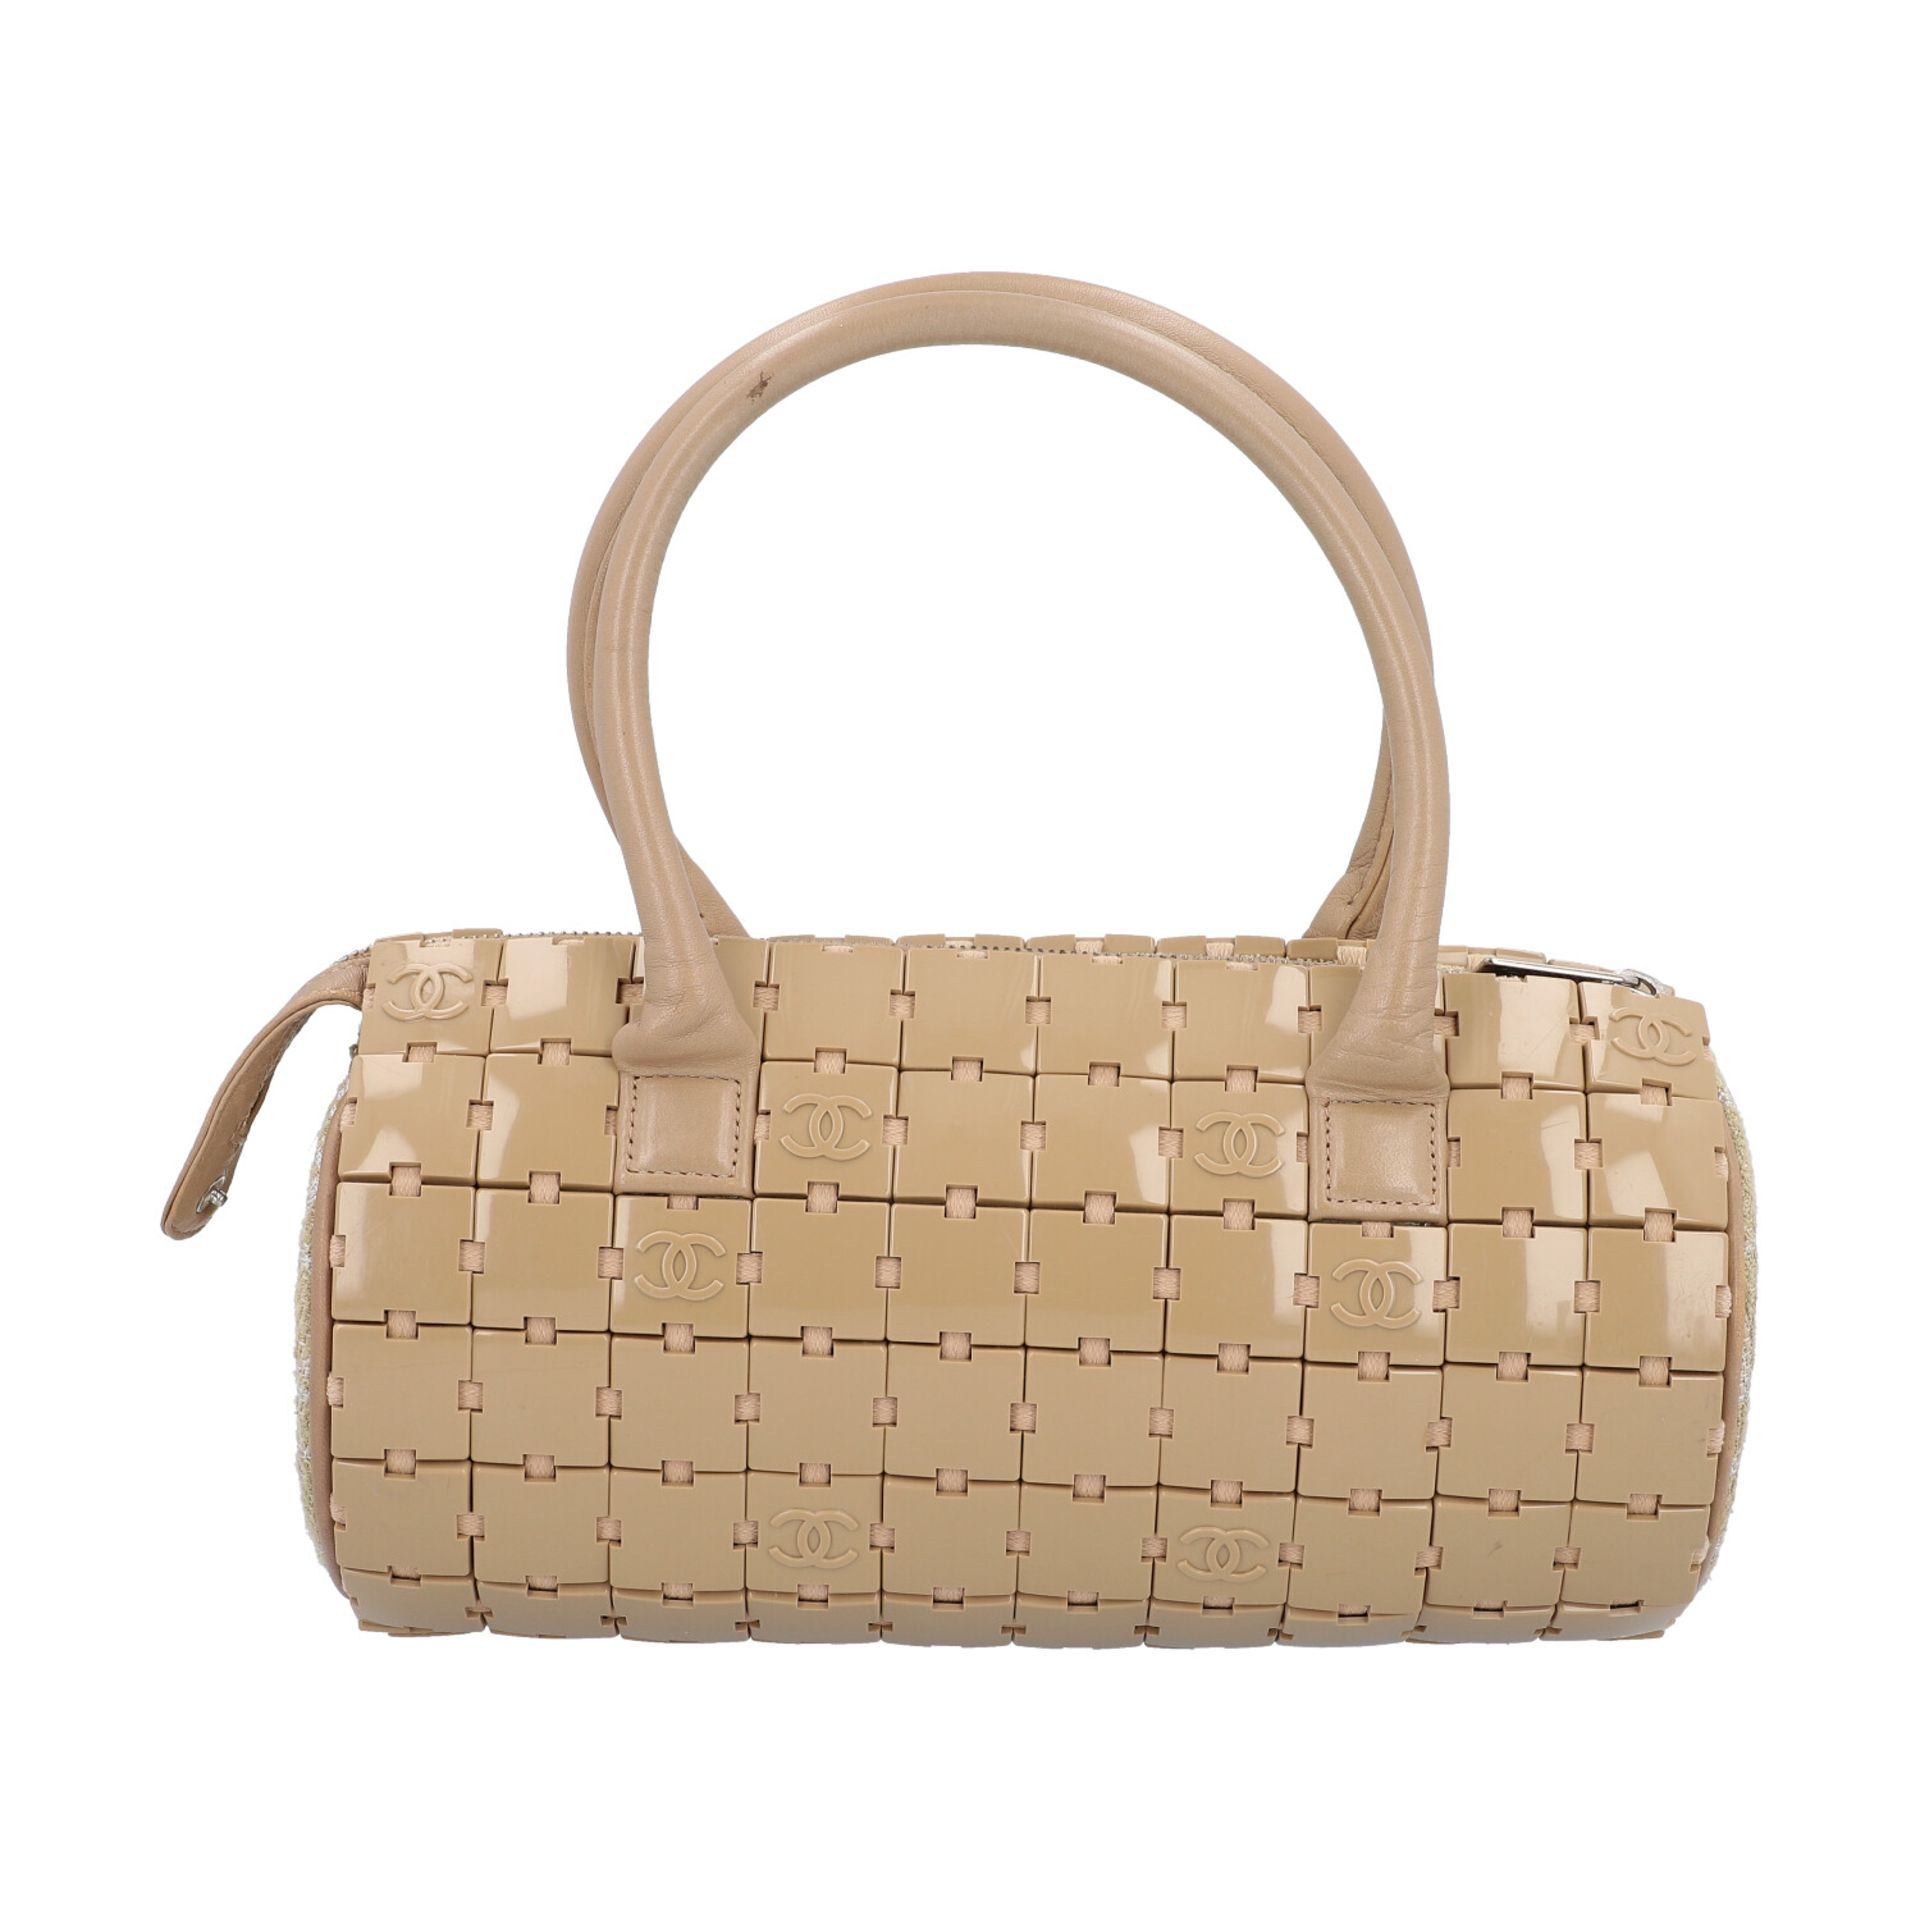 """CHANEL Handtasche """"PUZZLE BLOCK"""", Koll. 2000/2002.Textil, Leder und Kunststoff in Beige. Puzzle- - Bild 4 aus 8"""